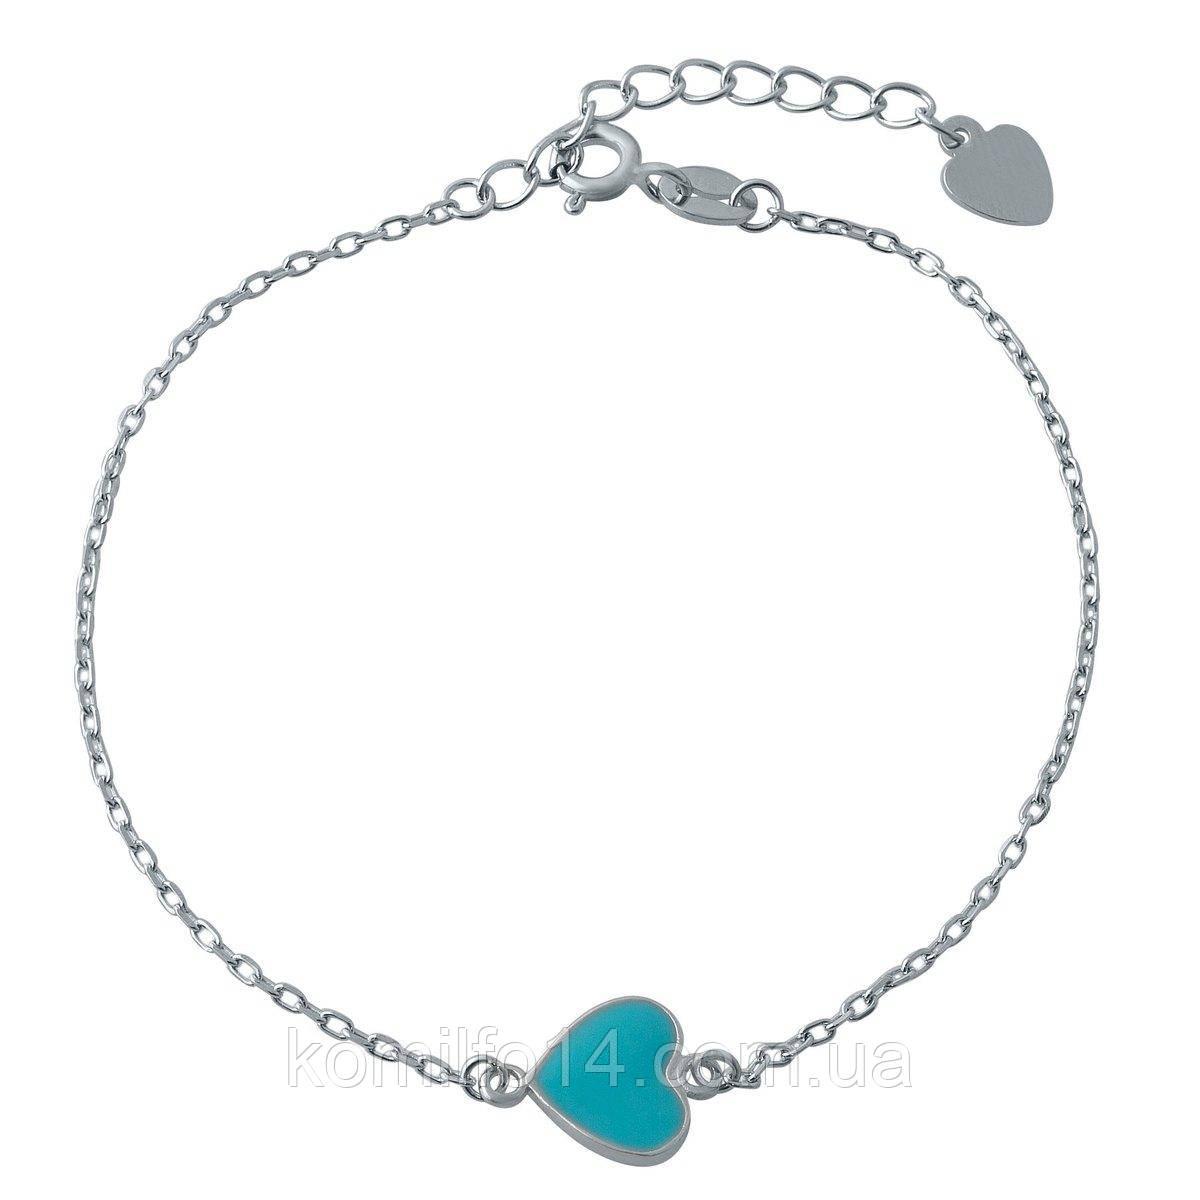 Женский серебряный браслет в стиле Tiffany & Co